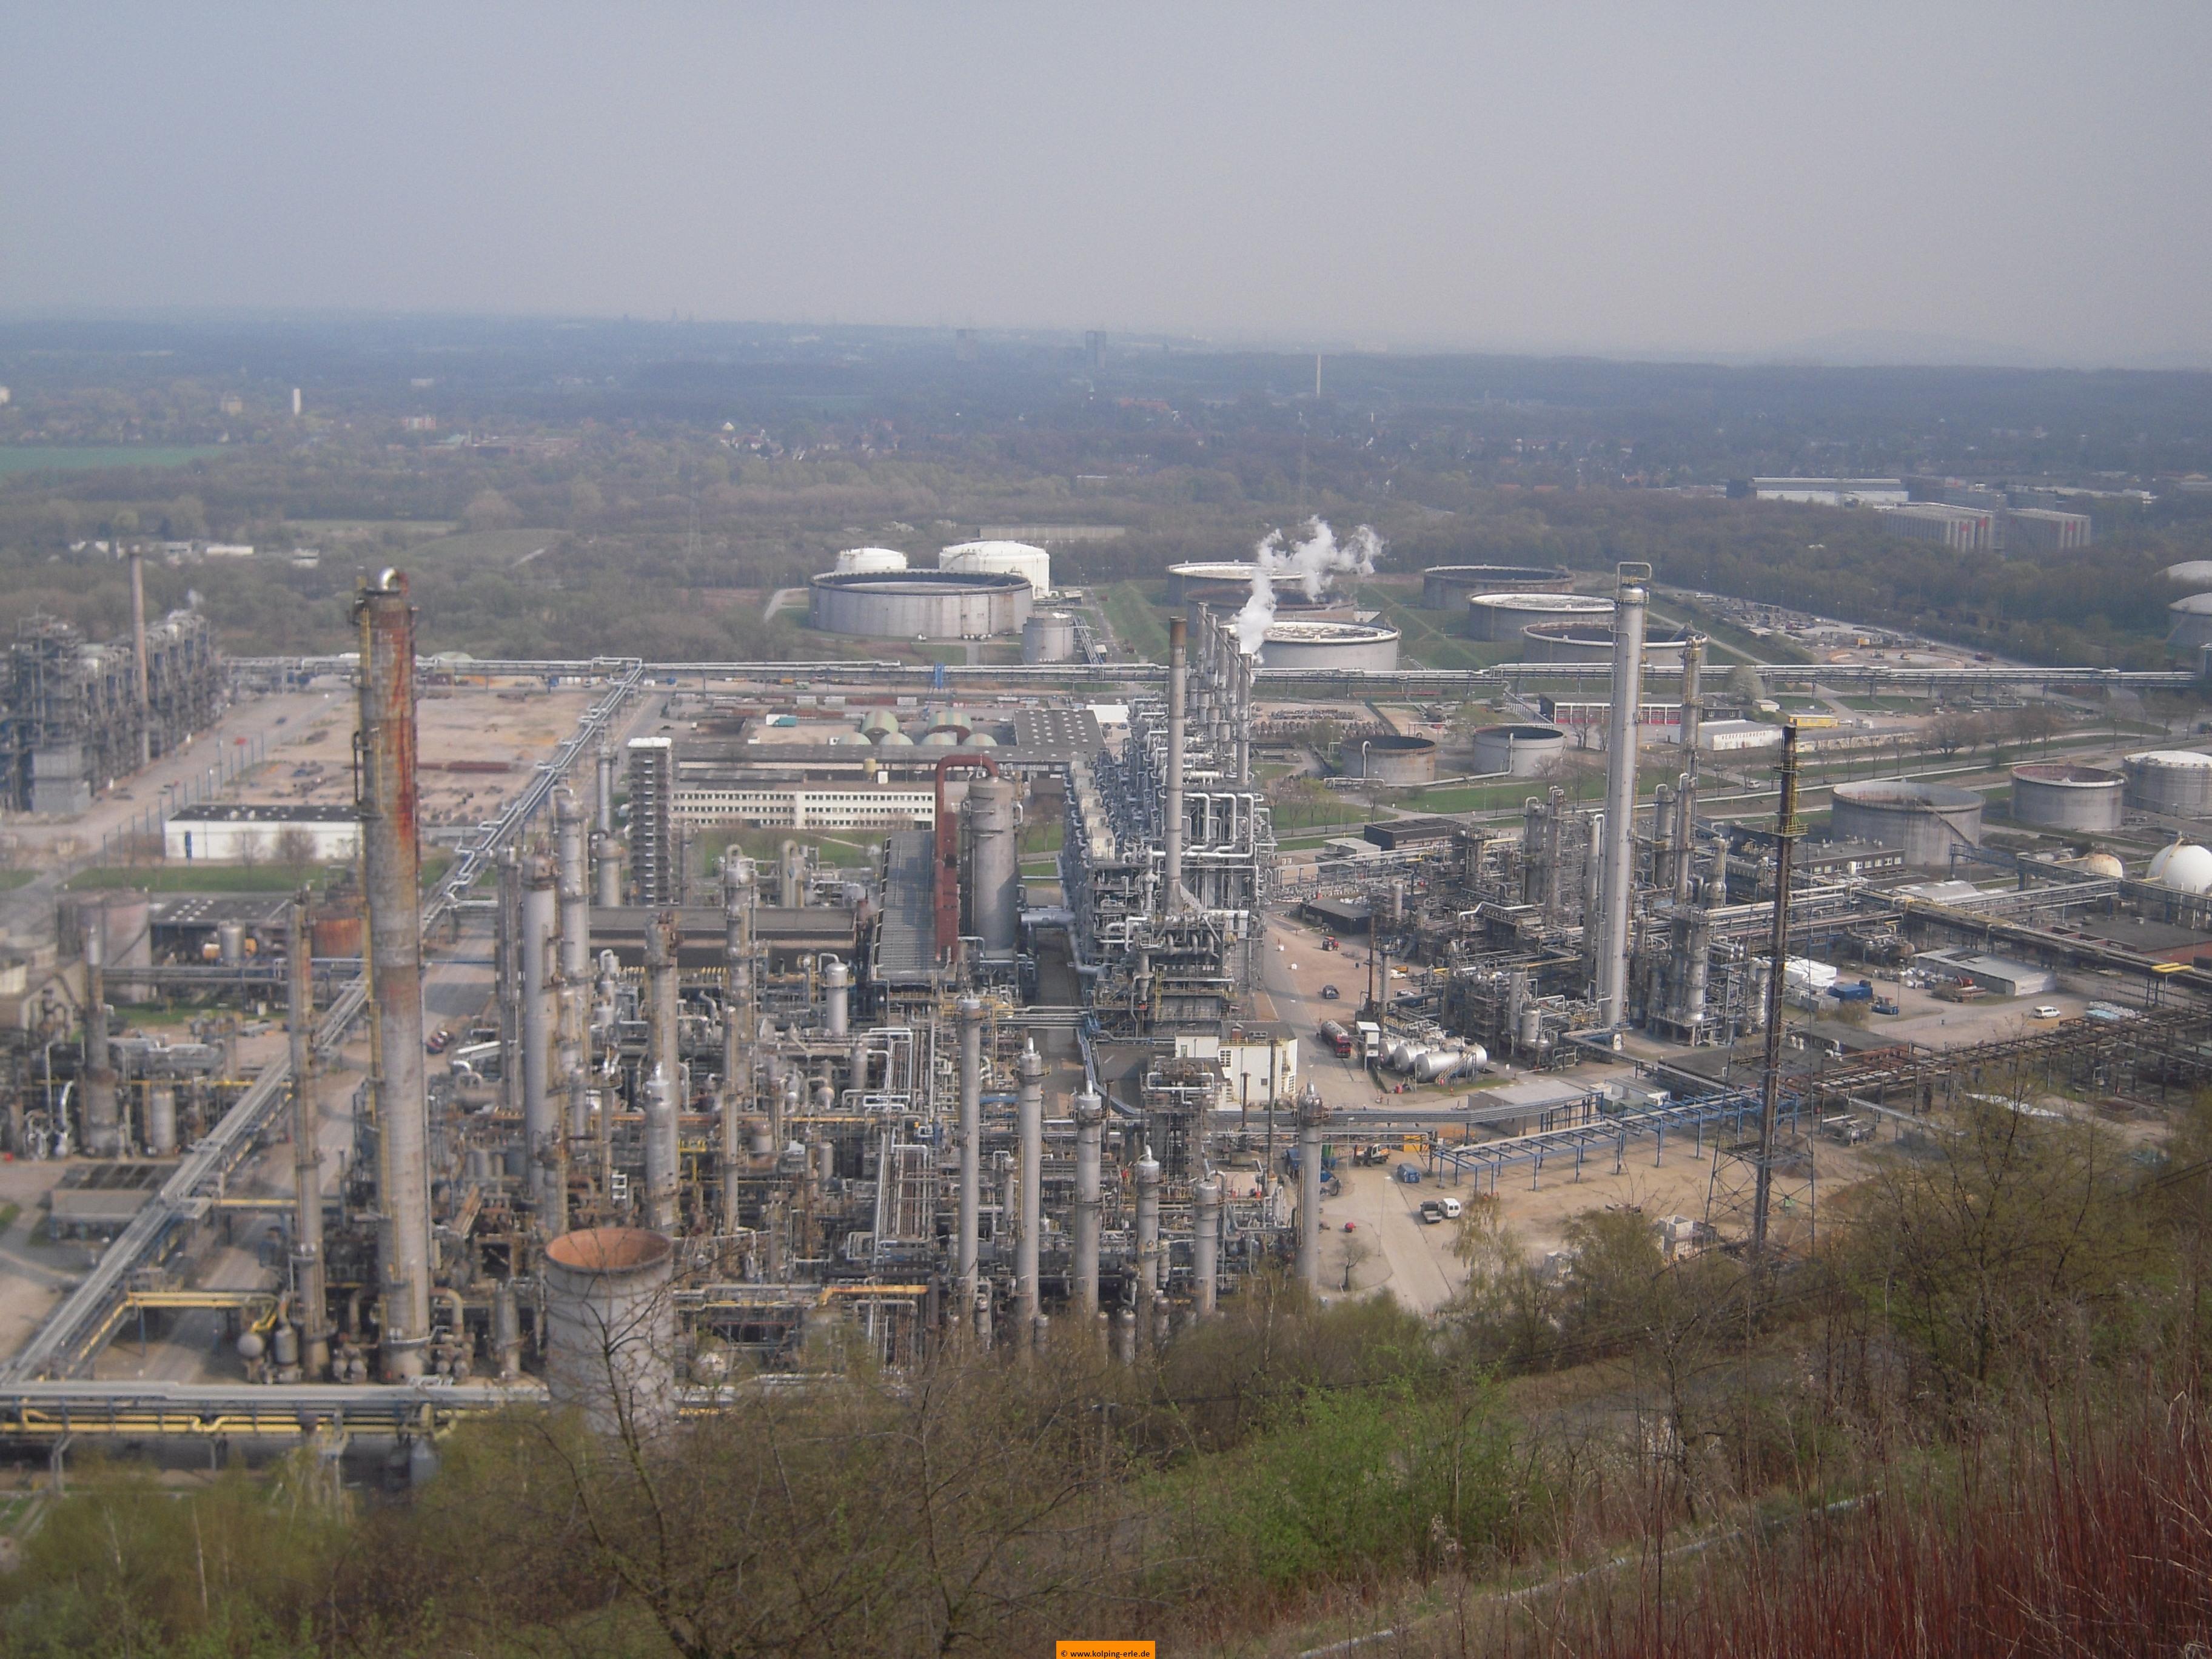 Blick auf die Produktionsanlagen der Ruhroil